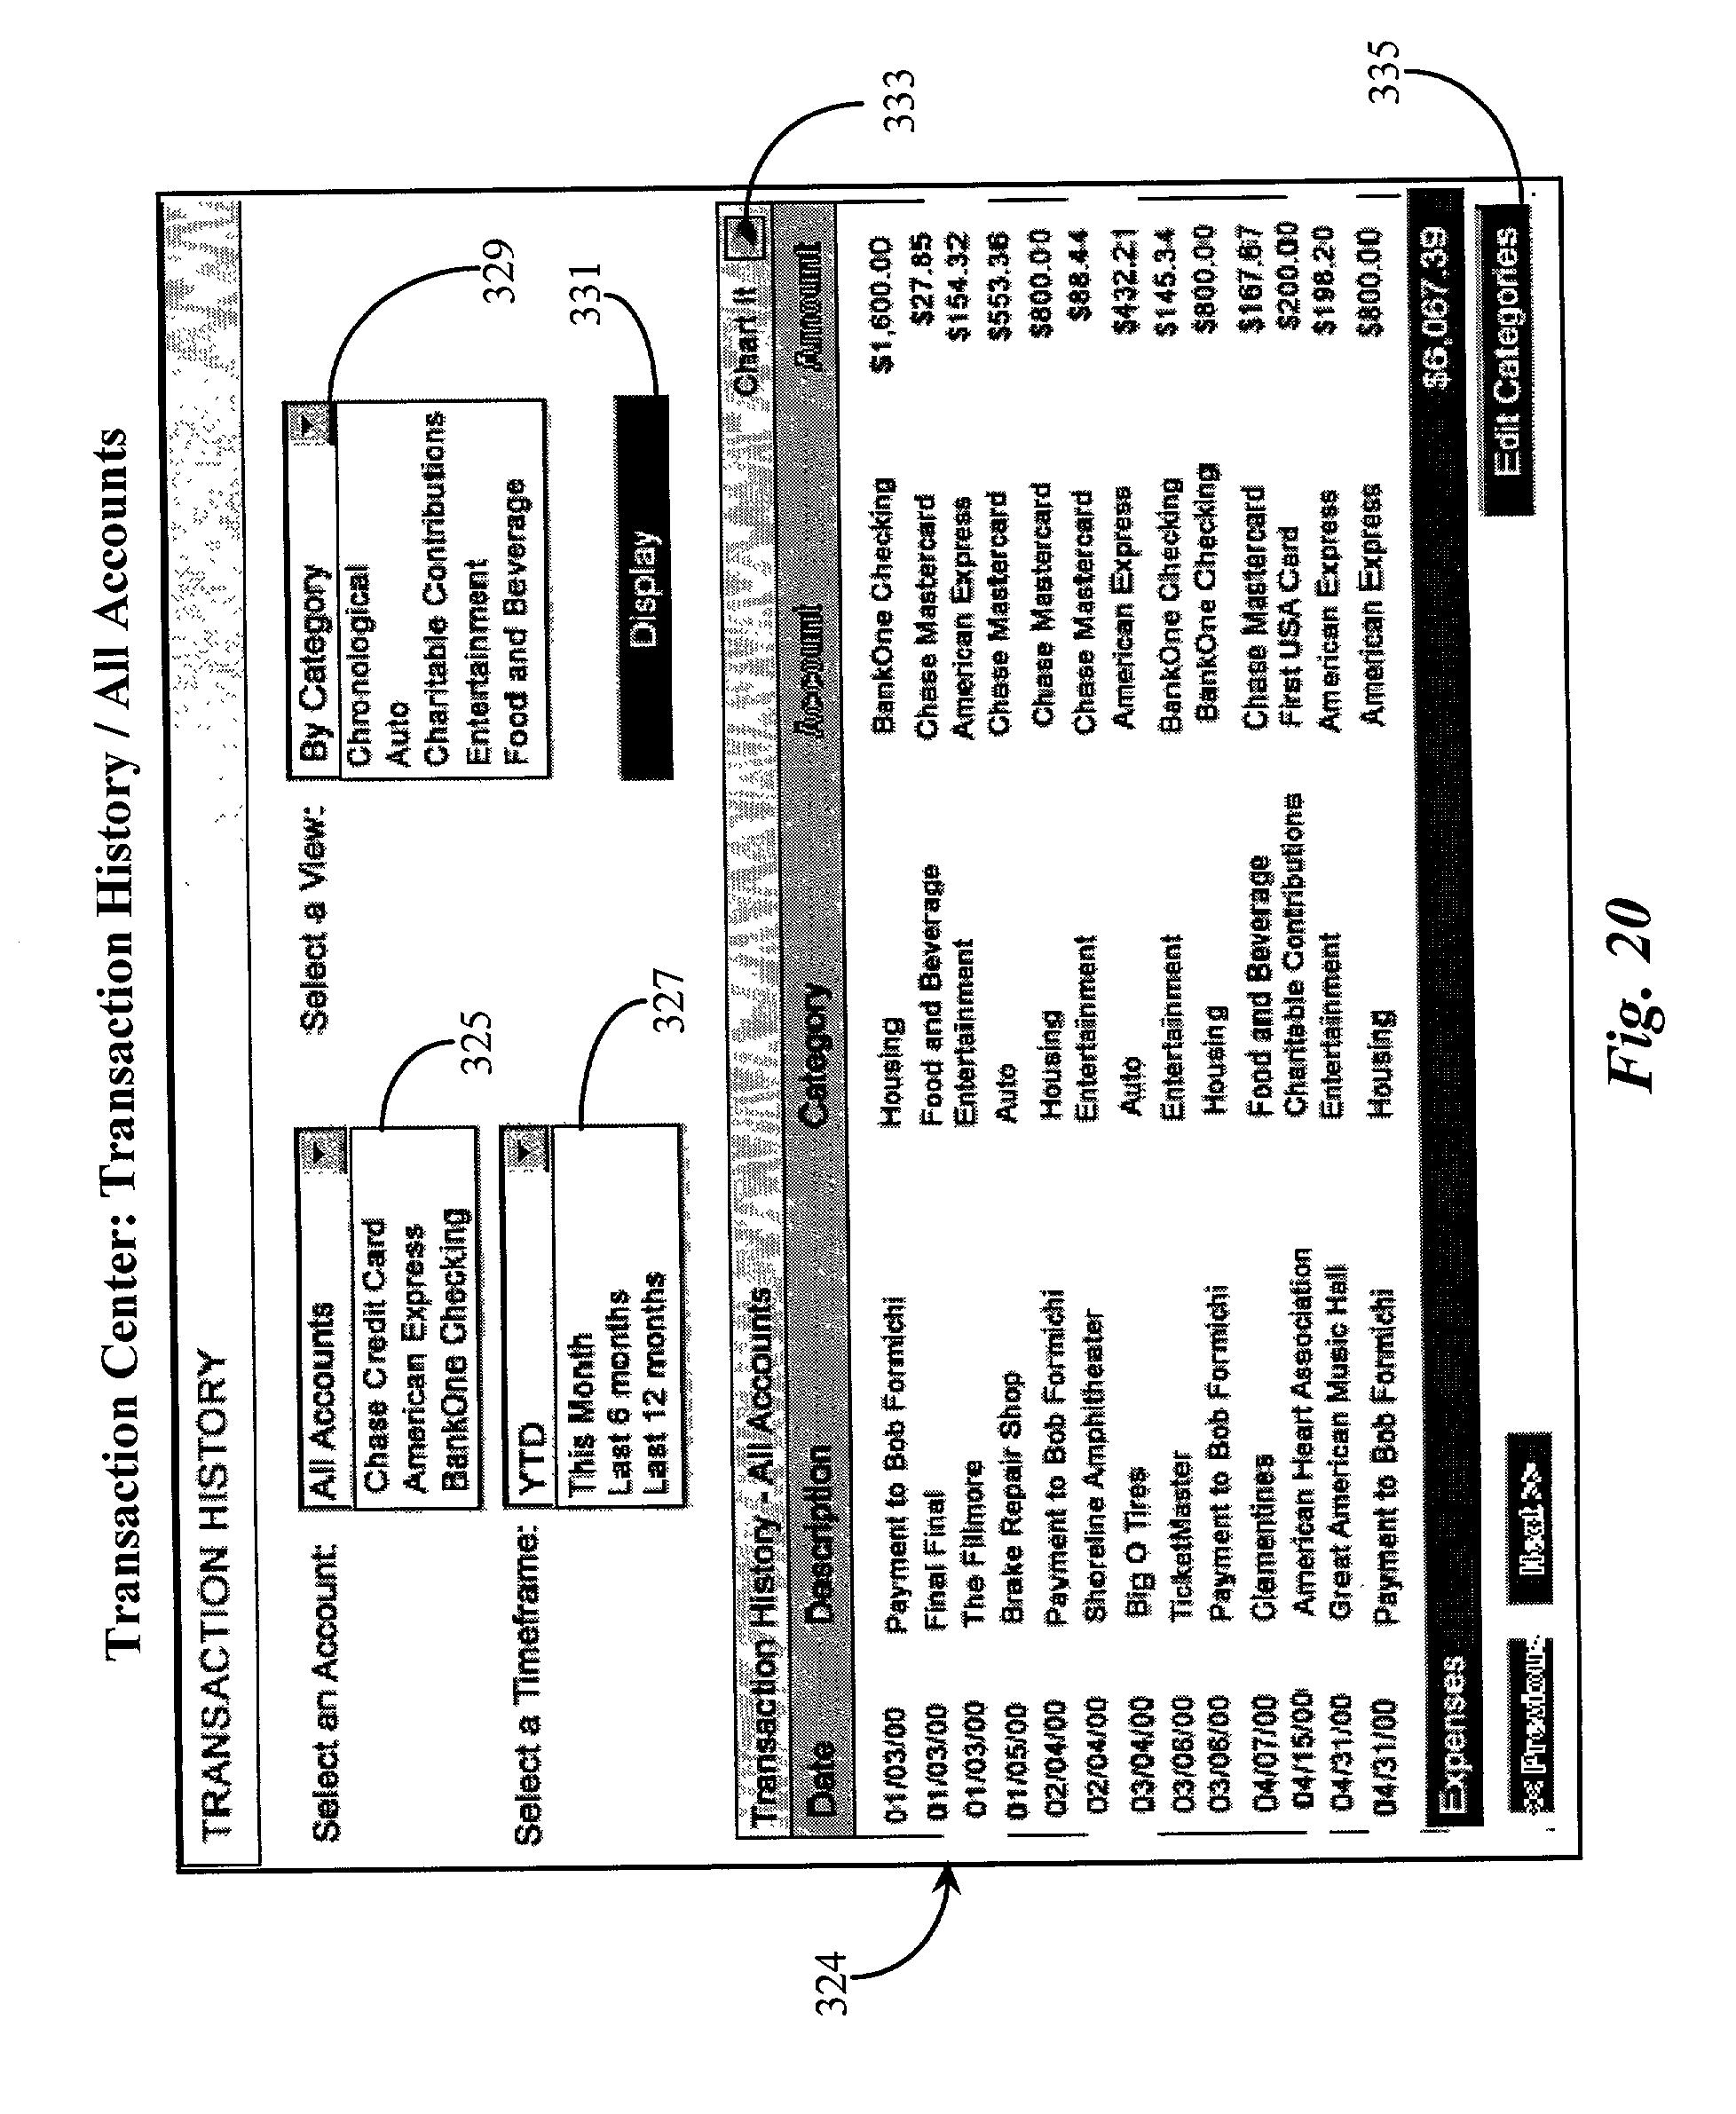 patent us20020007330